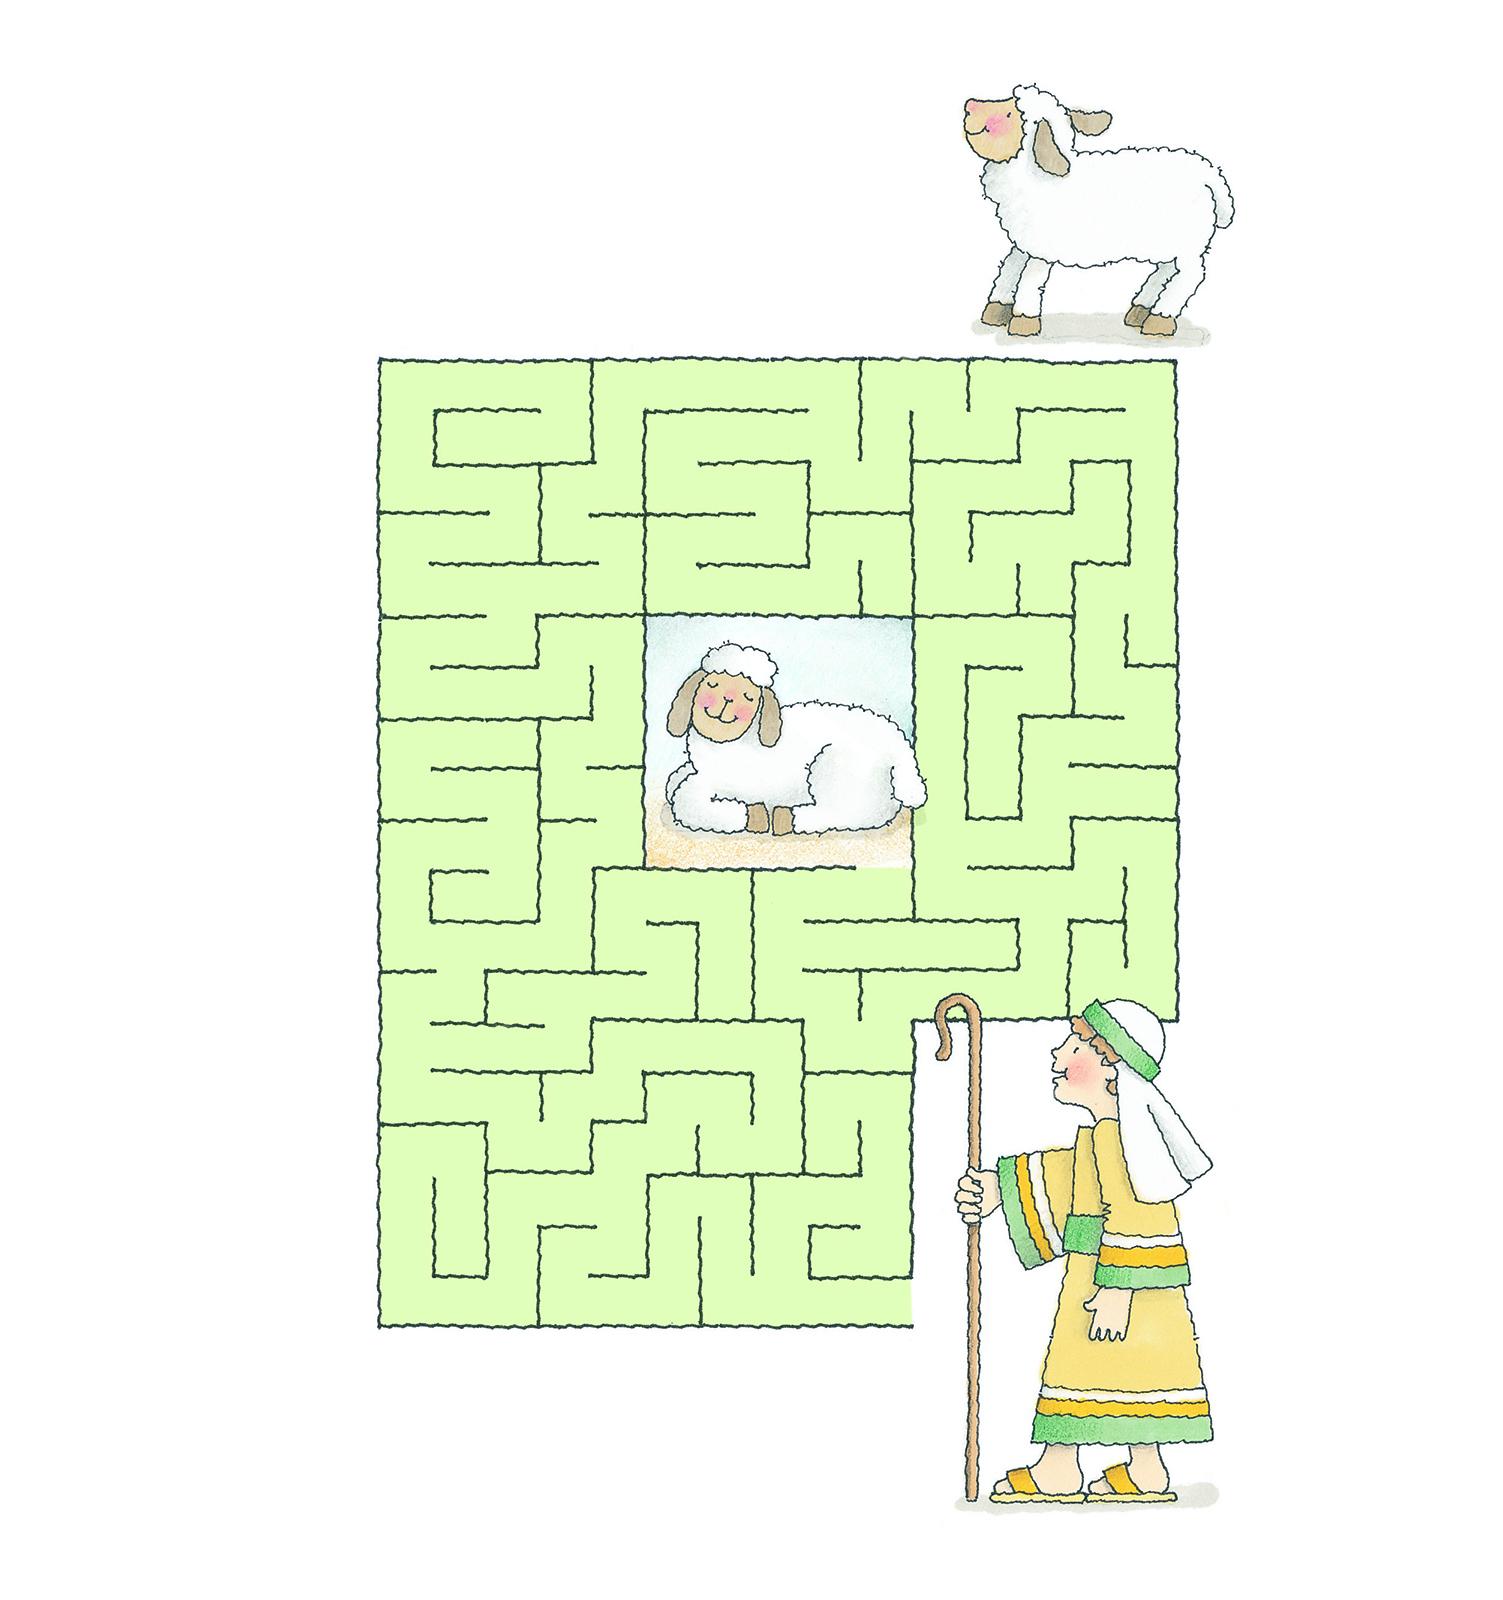 Find My Sheep Maze